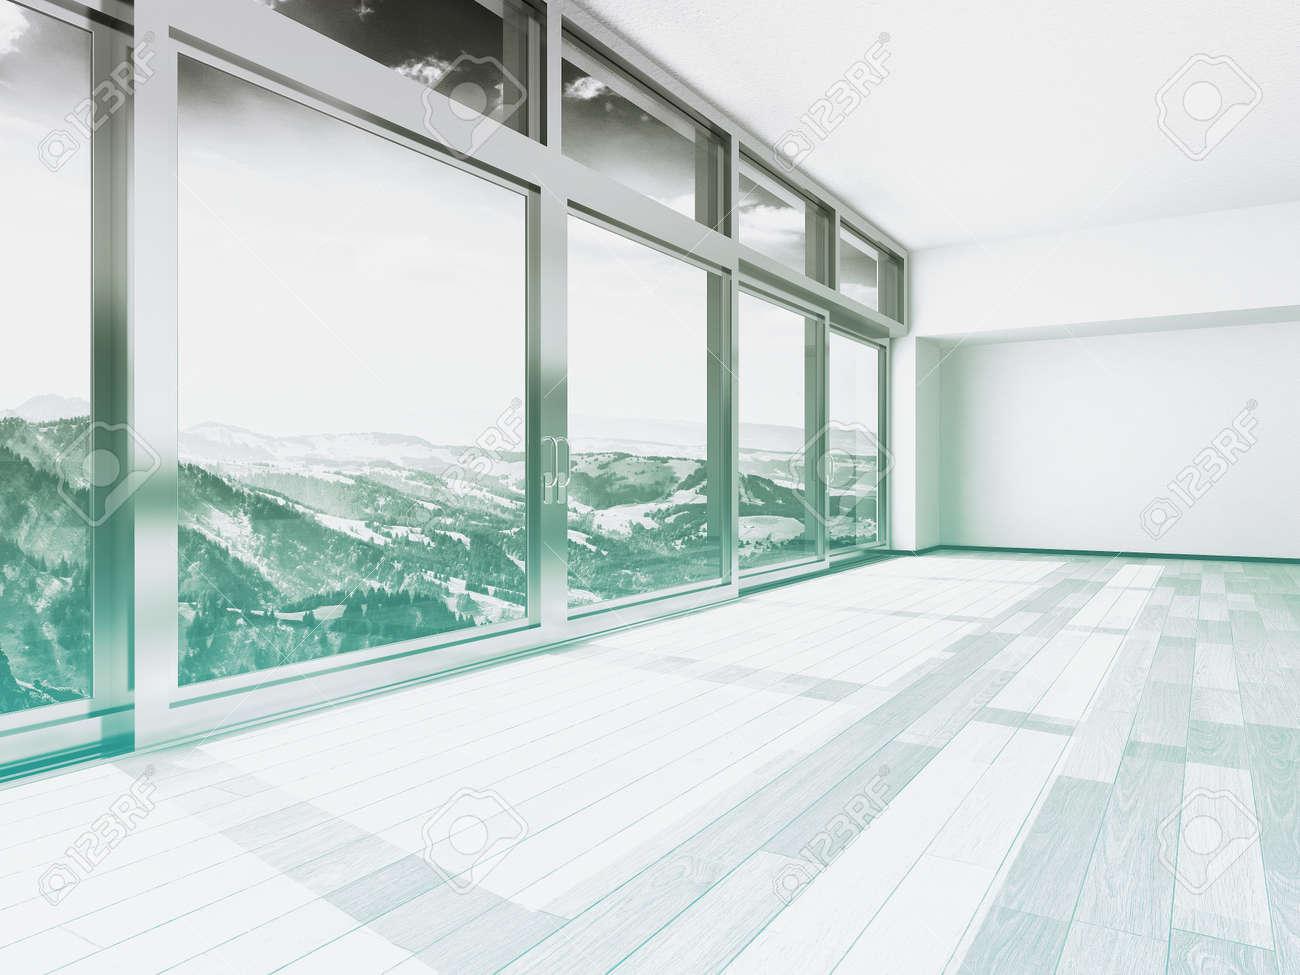 Brand New Voll Möbliertes Haus Gebäude Interior Design Mit Großen ...